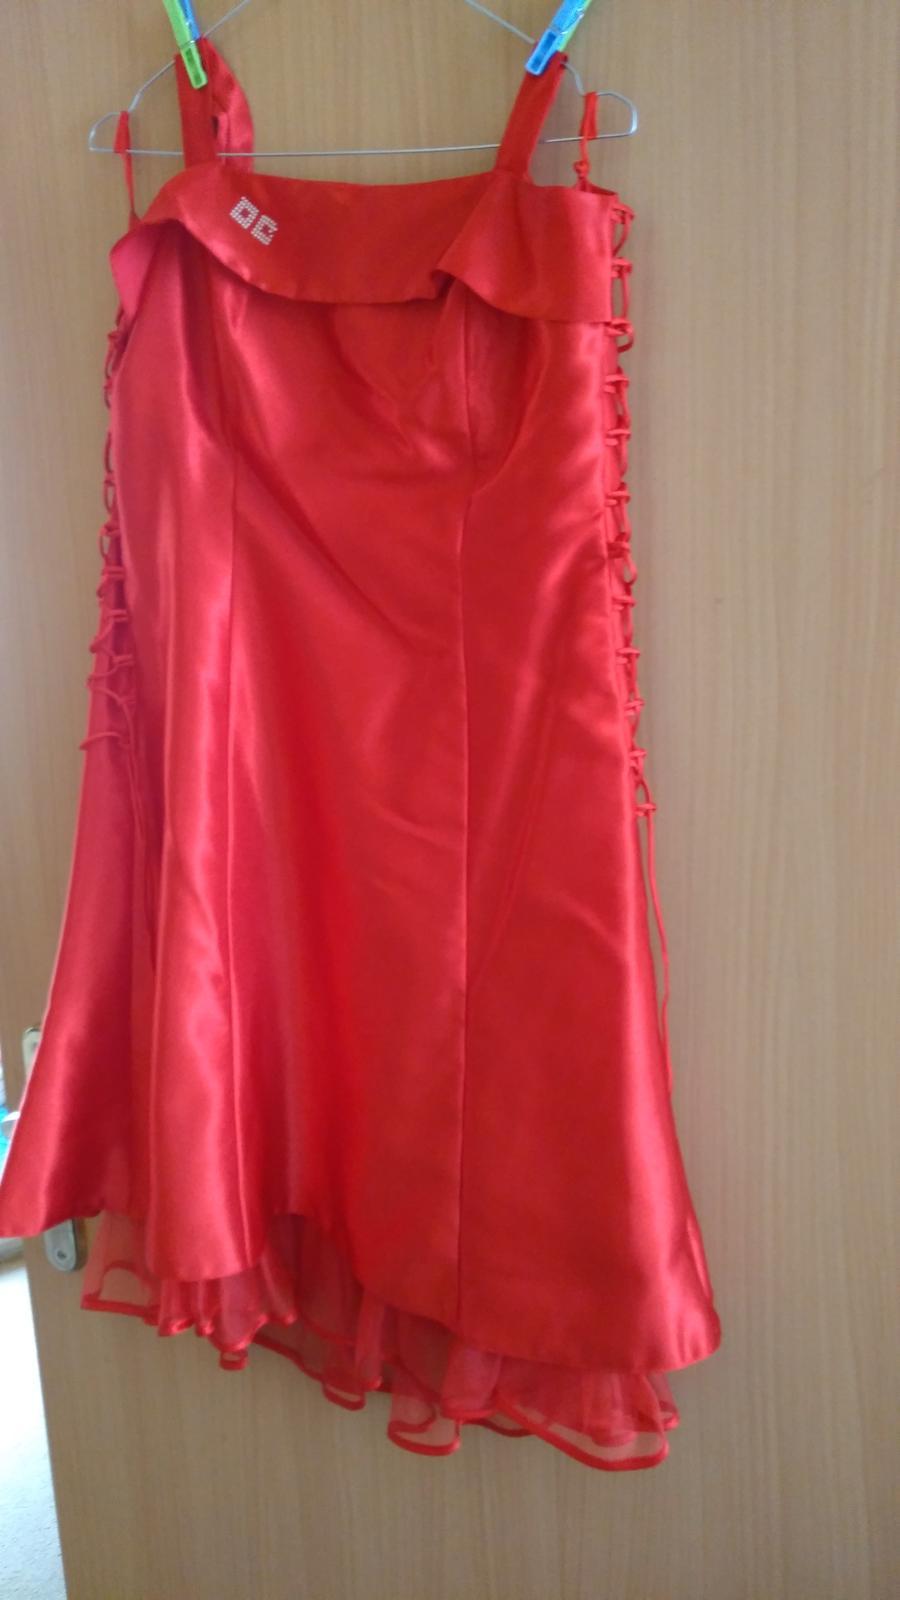 Spoločenské červené šaty veľkosť 42 - Obrázok č. 1